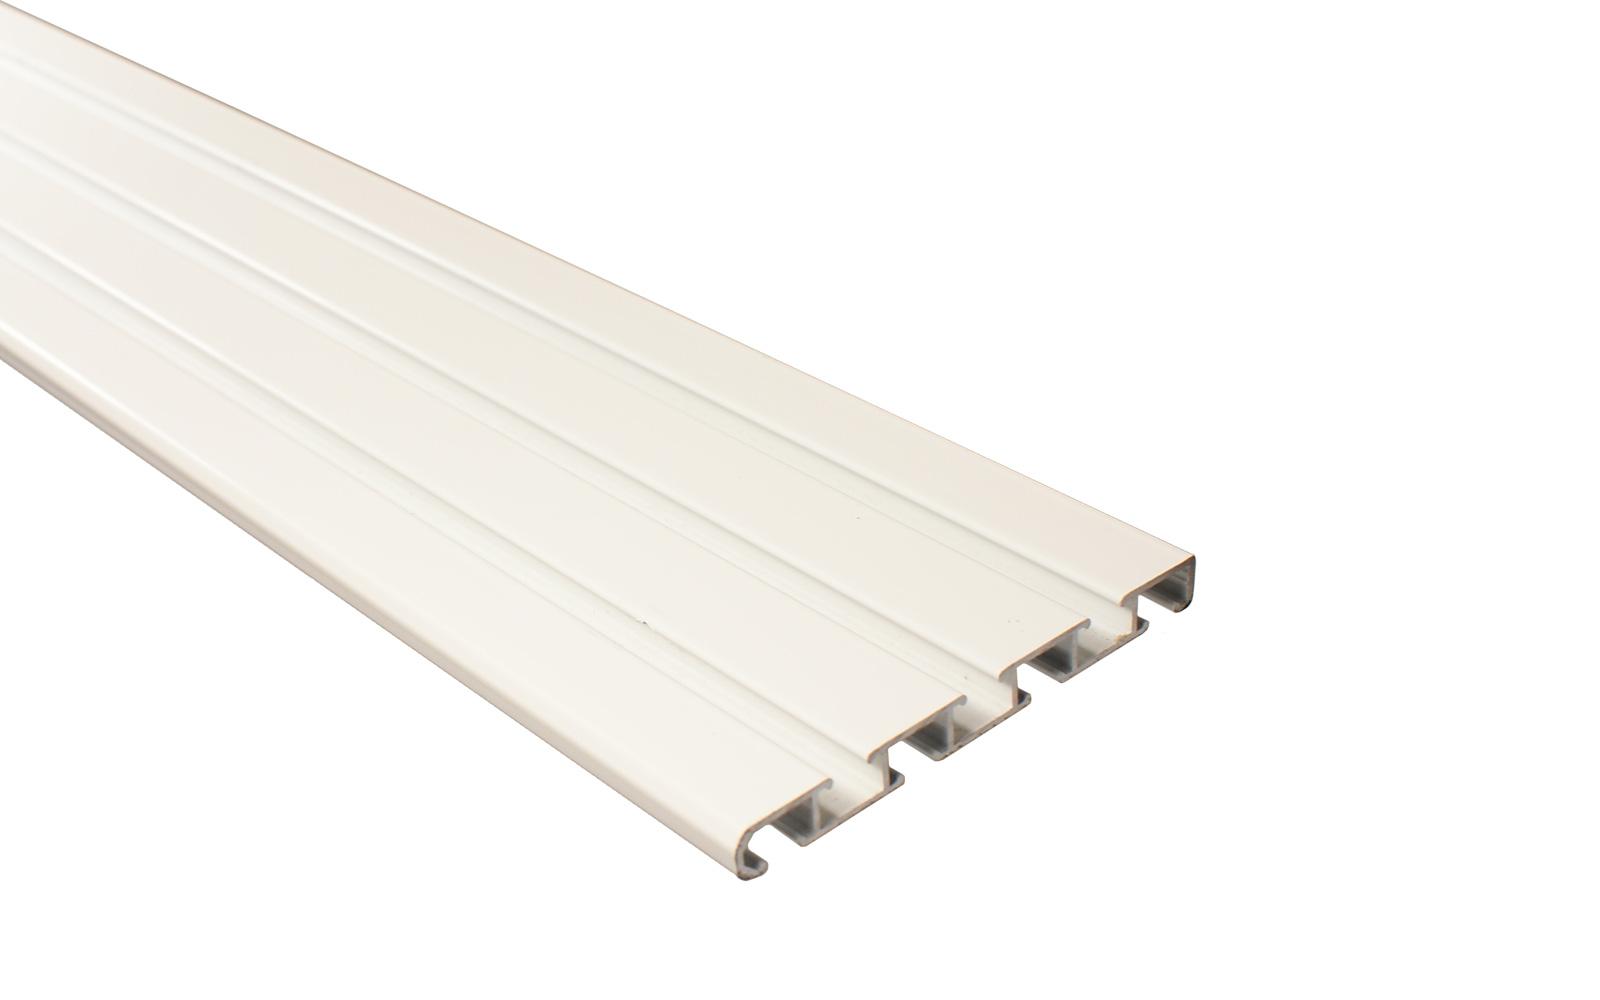 Erstaunlich Vorhangschiene 4-läufig aus Aluminium zur Deckenmontage AX81